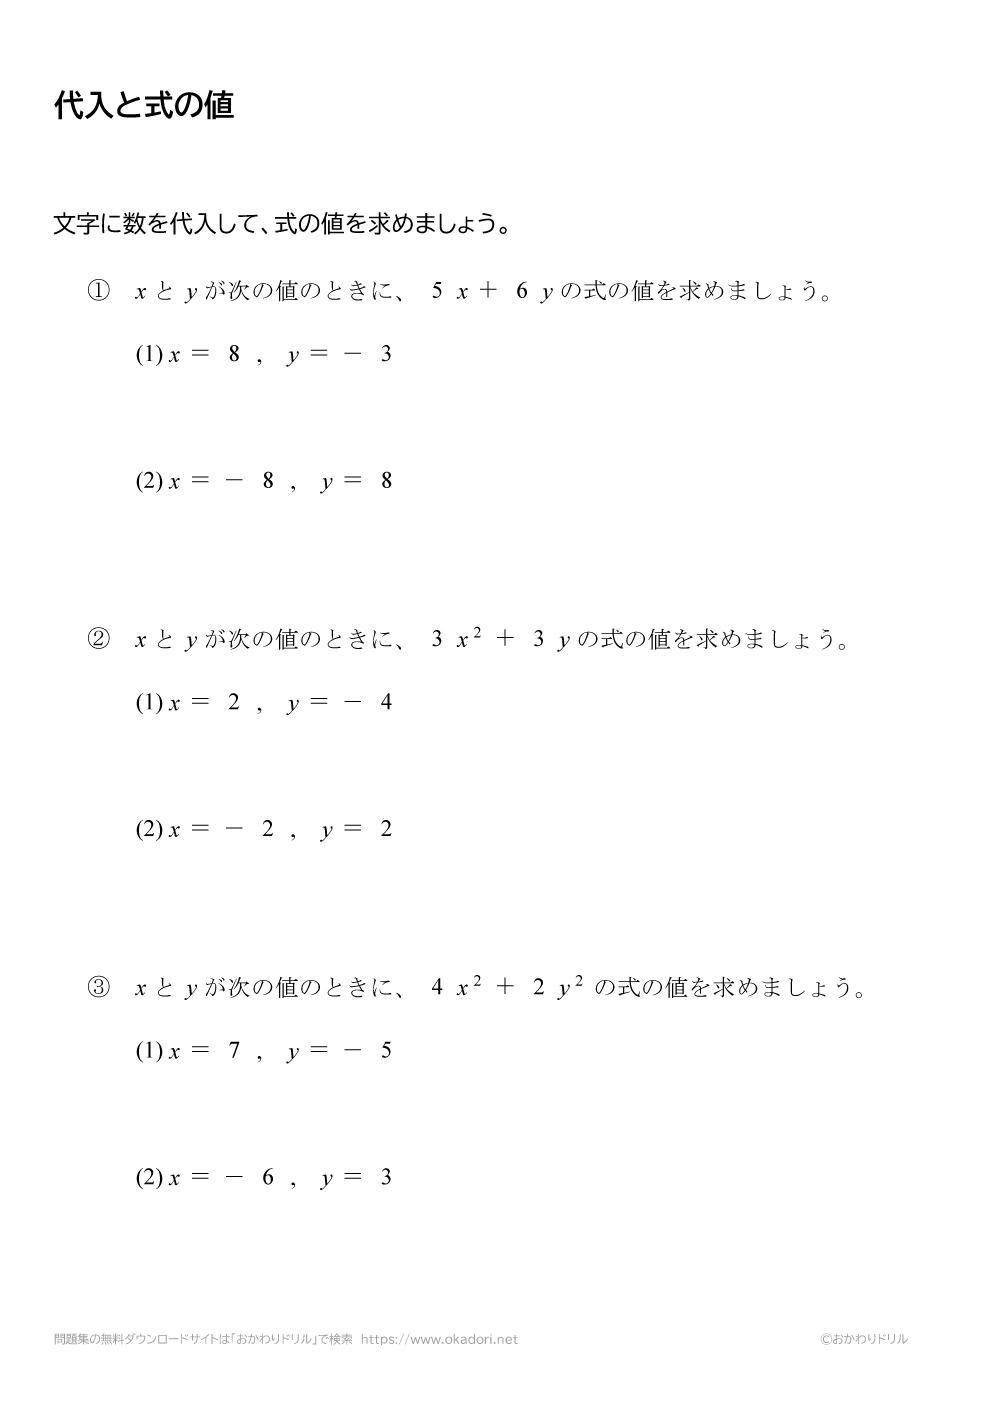 代入と式の値5